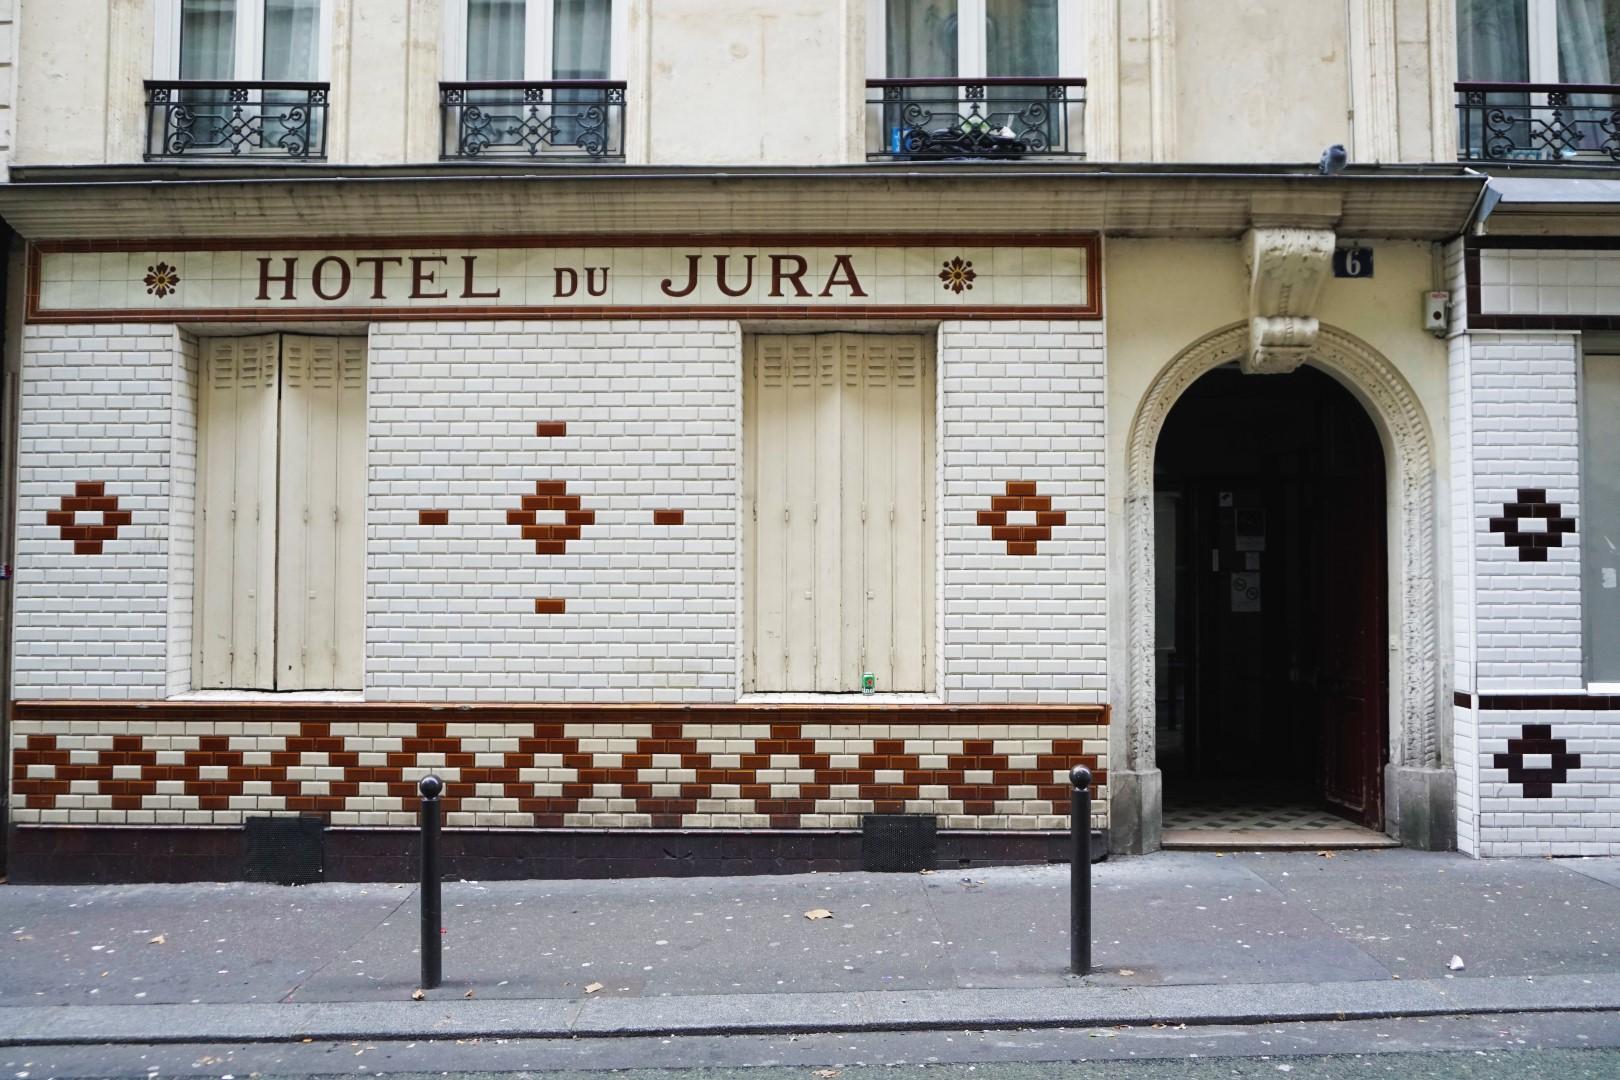 Rue Jarry - Balade dans les 9e et 10e arrondissements de Paris - De place de la République à PigalleRue Jarry - Balade dans les 9e et 10e arrondissements de Paris - De place de la République à Pigalle